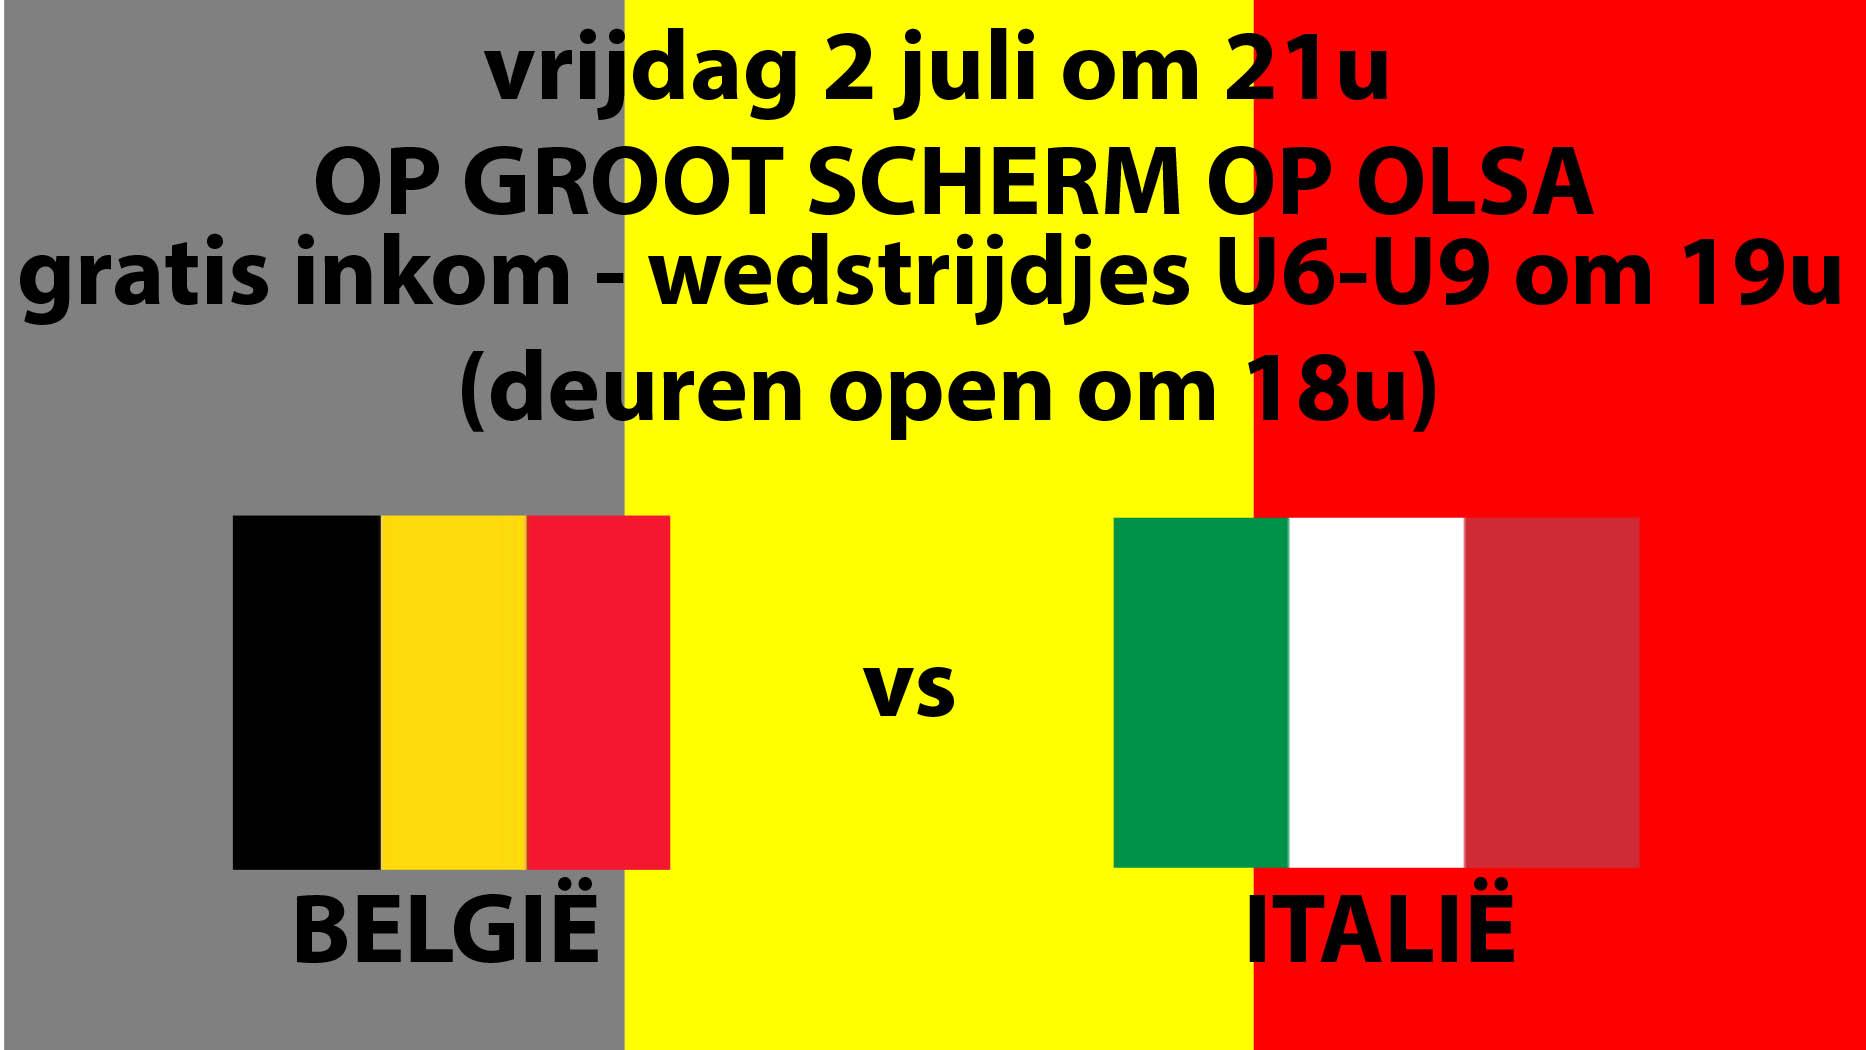 België-Italië op groot scherm